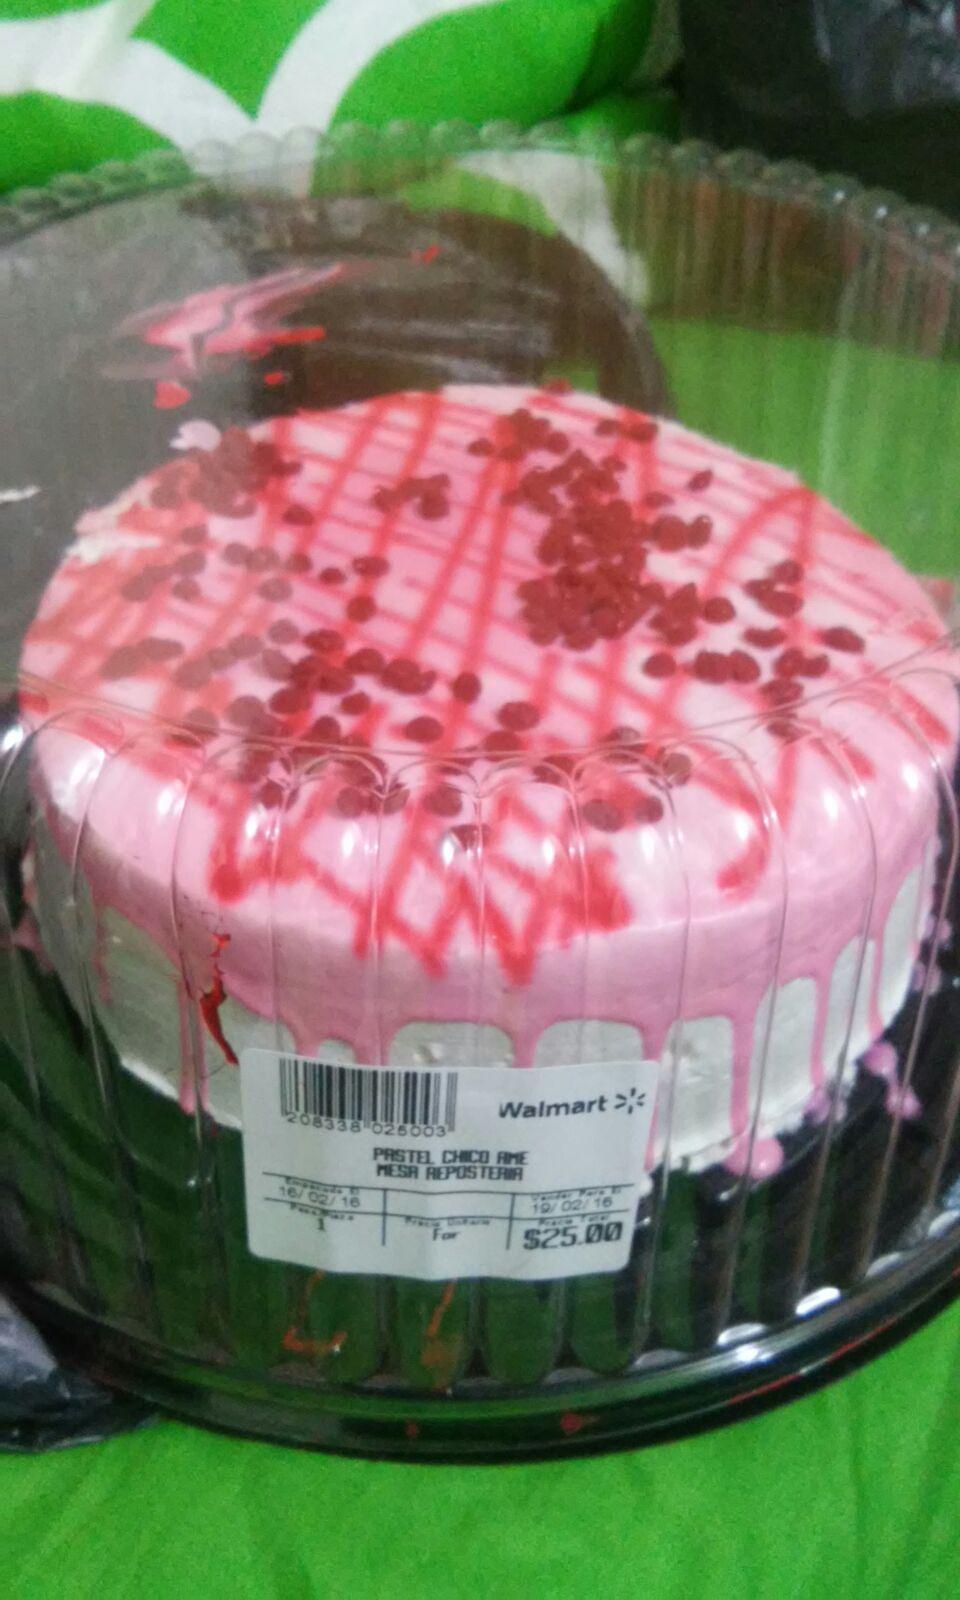 Walmart: Pastel de chocolate Dia del amor $25 / 100 Notas Adheribles $9.02